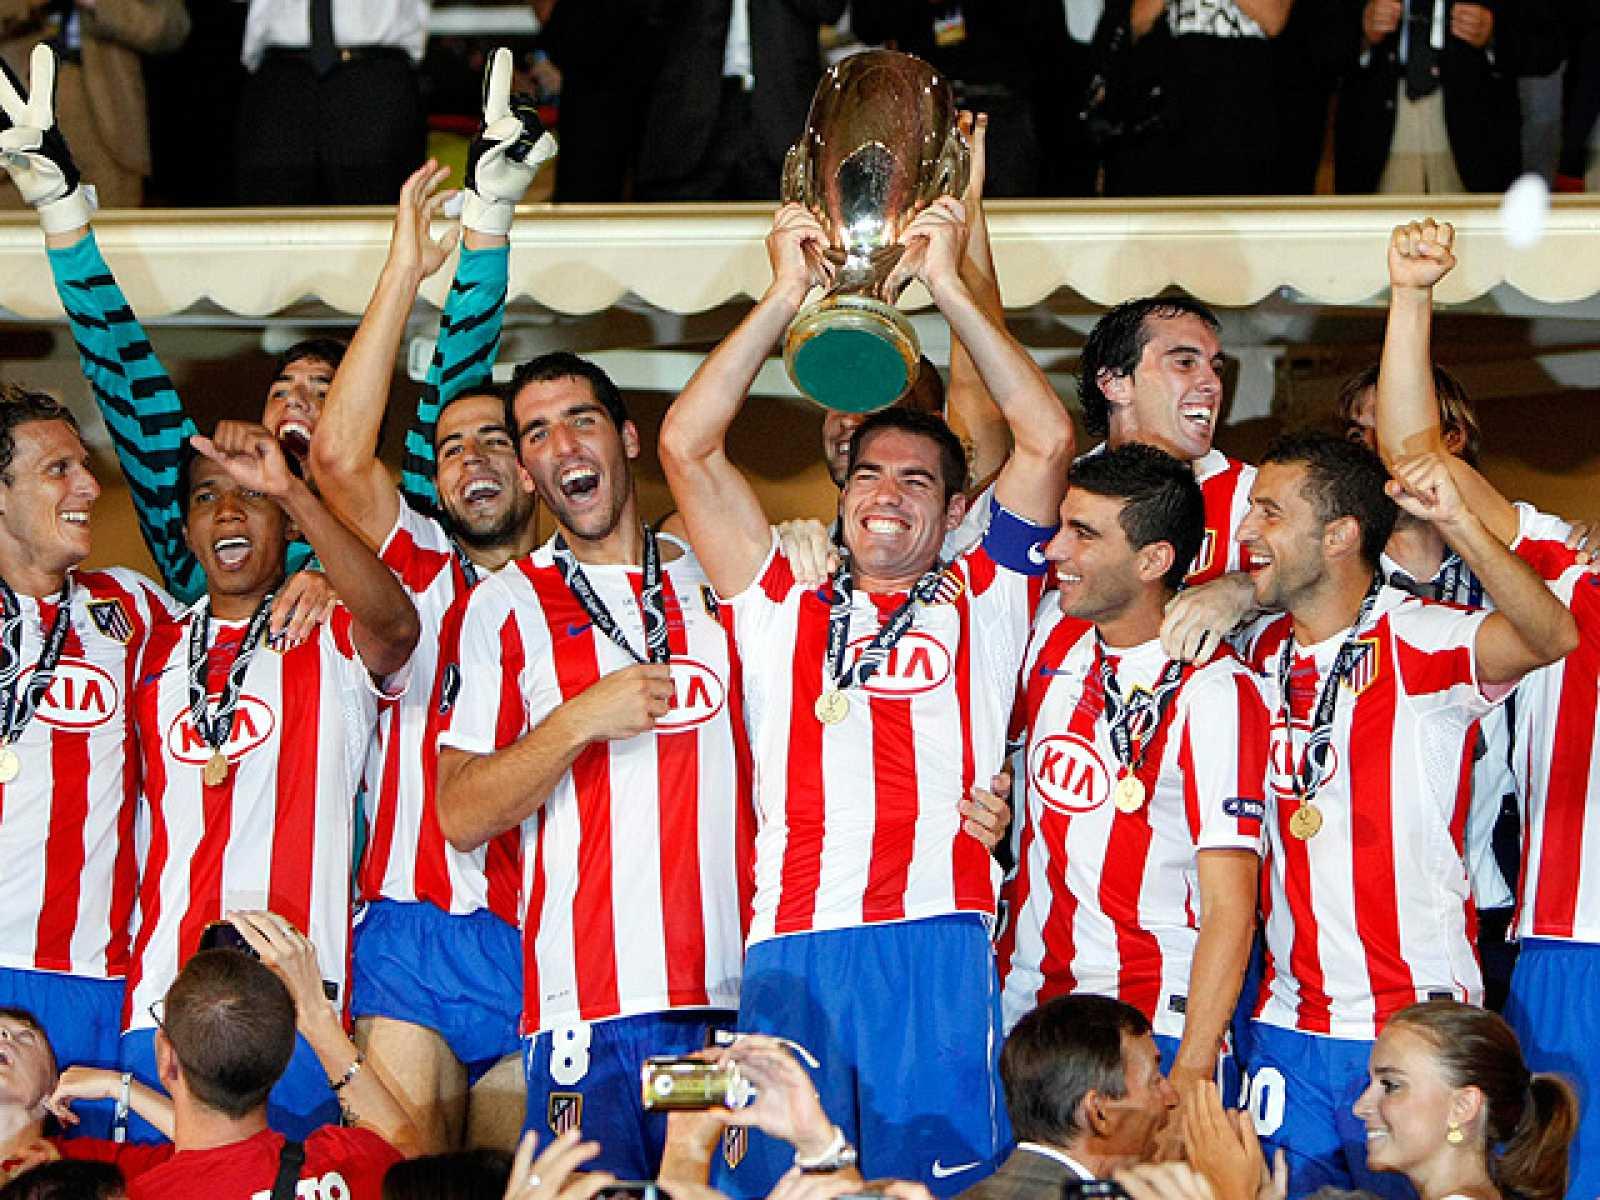 Los jugadores del Atlético, en el palco del Luis II de Mónaco, reciben el título que les convierte en los nuevos 'Supercampeones de Europa'.